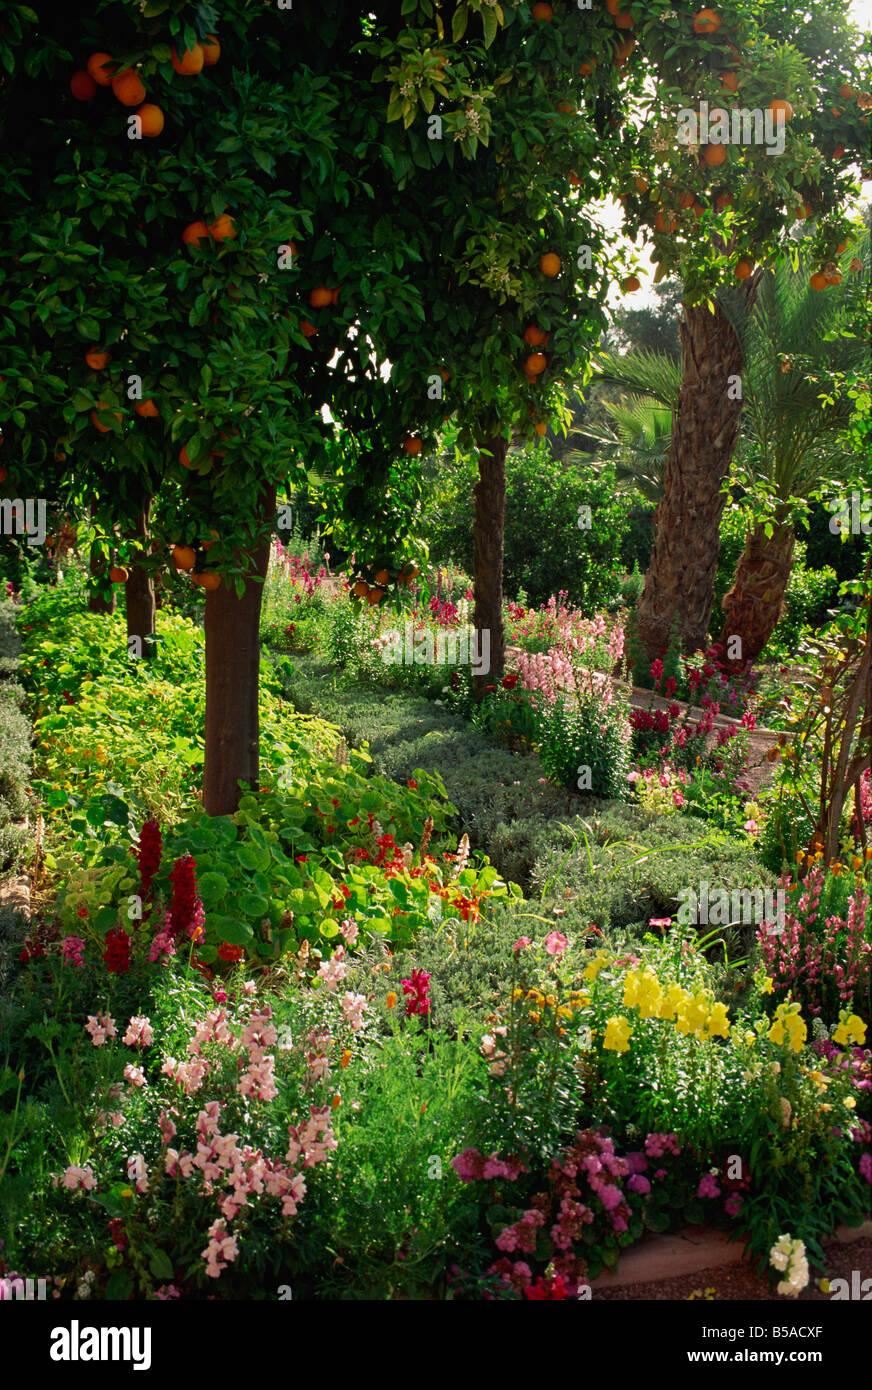 Jardin de la Mamounia Hotel, Marrakech, Maroc, Afrique du Nord, Afrique Photo Stock